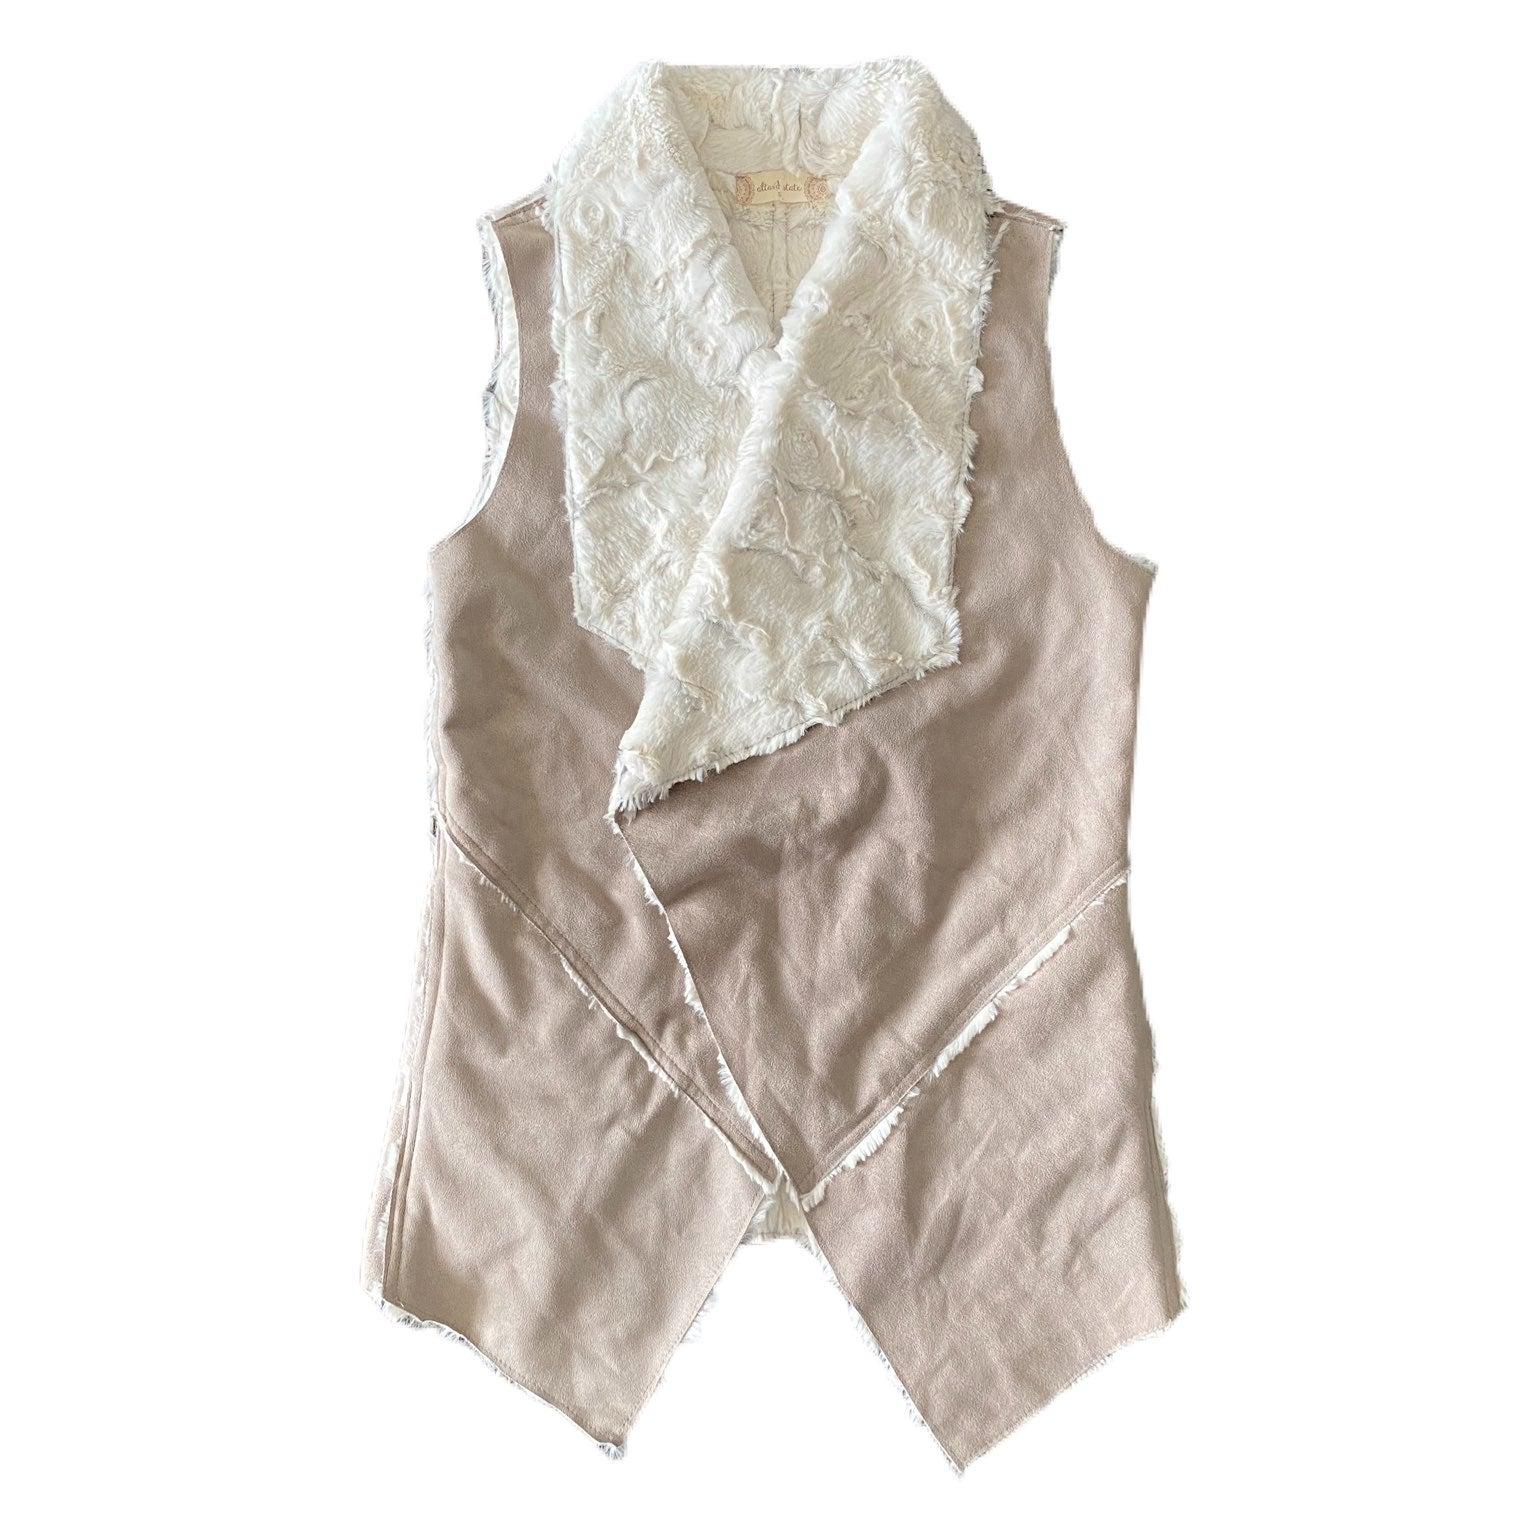 Altar'd State Faux Fur Outerwear Vest